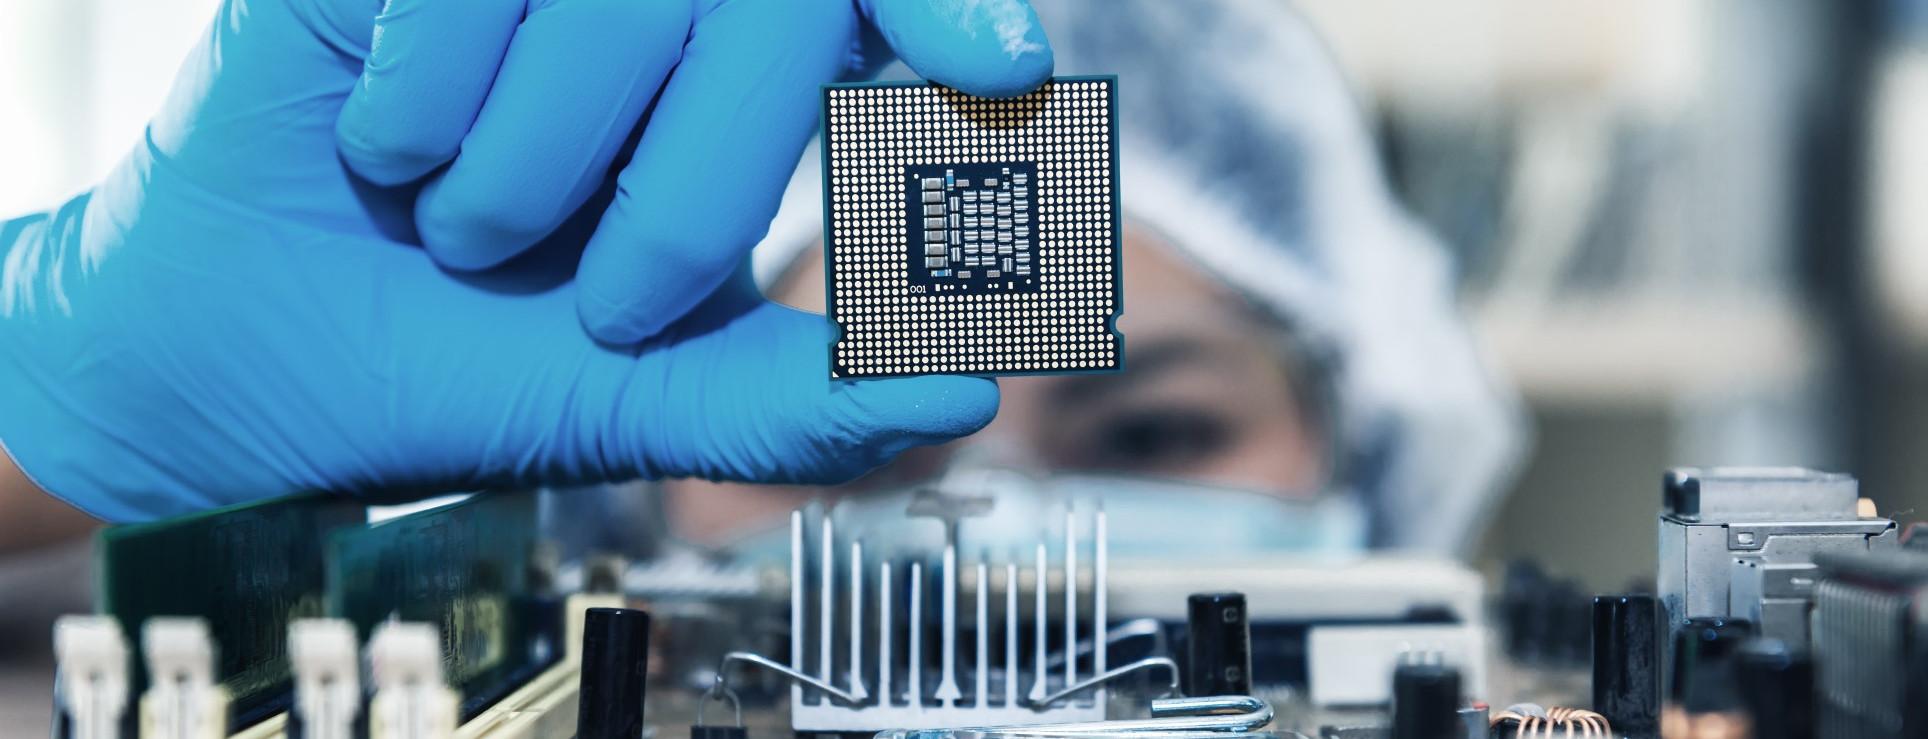 Mikroshēmu jeb čipu deficīts vēl saglabāsies